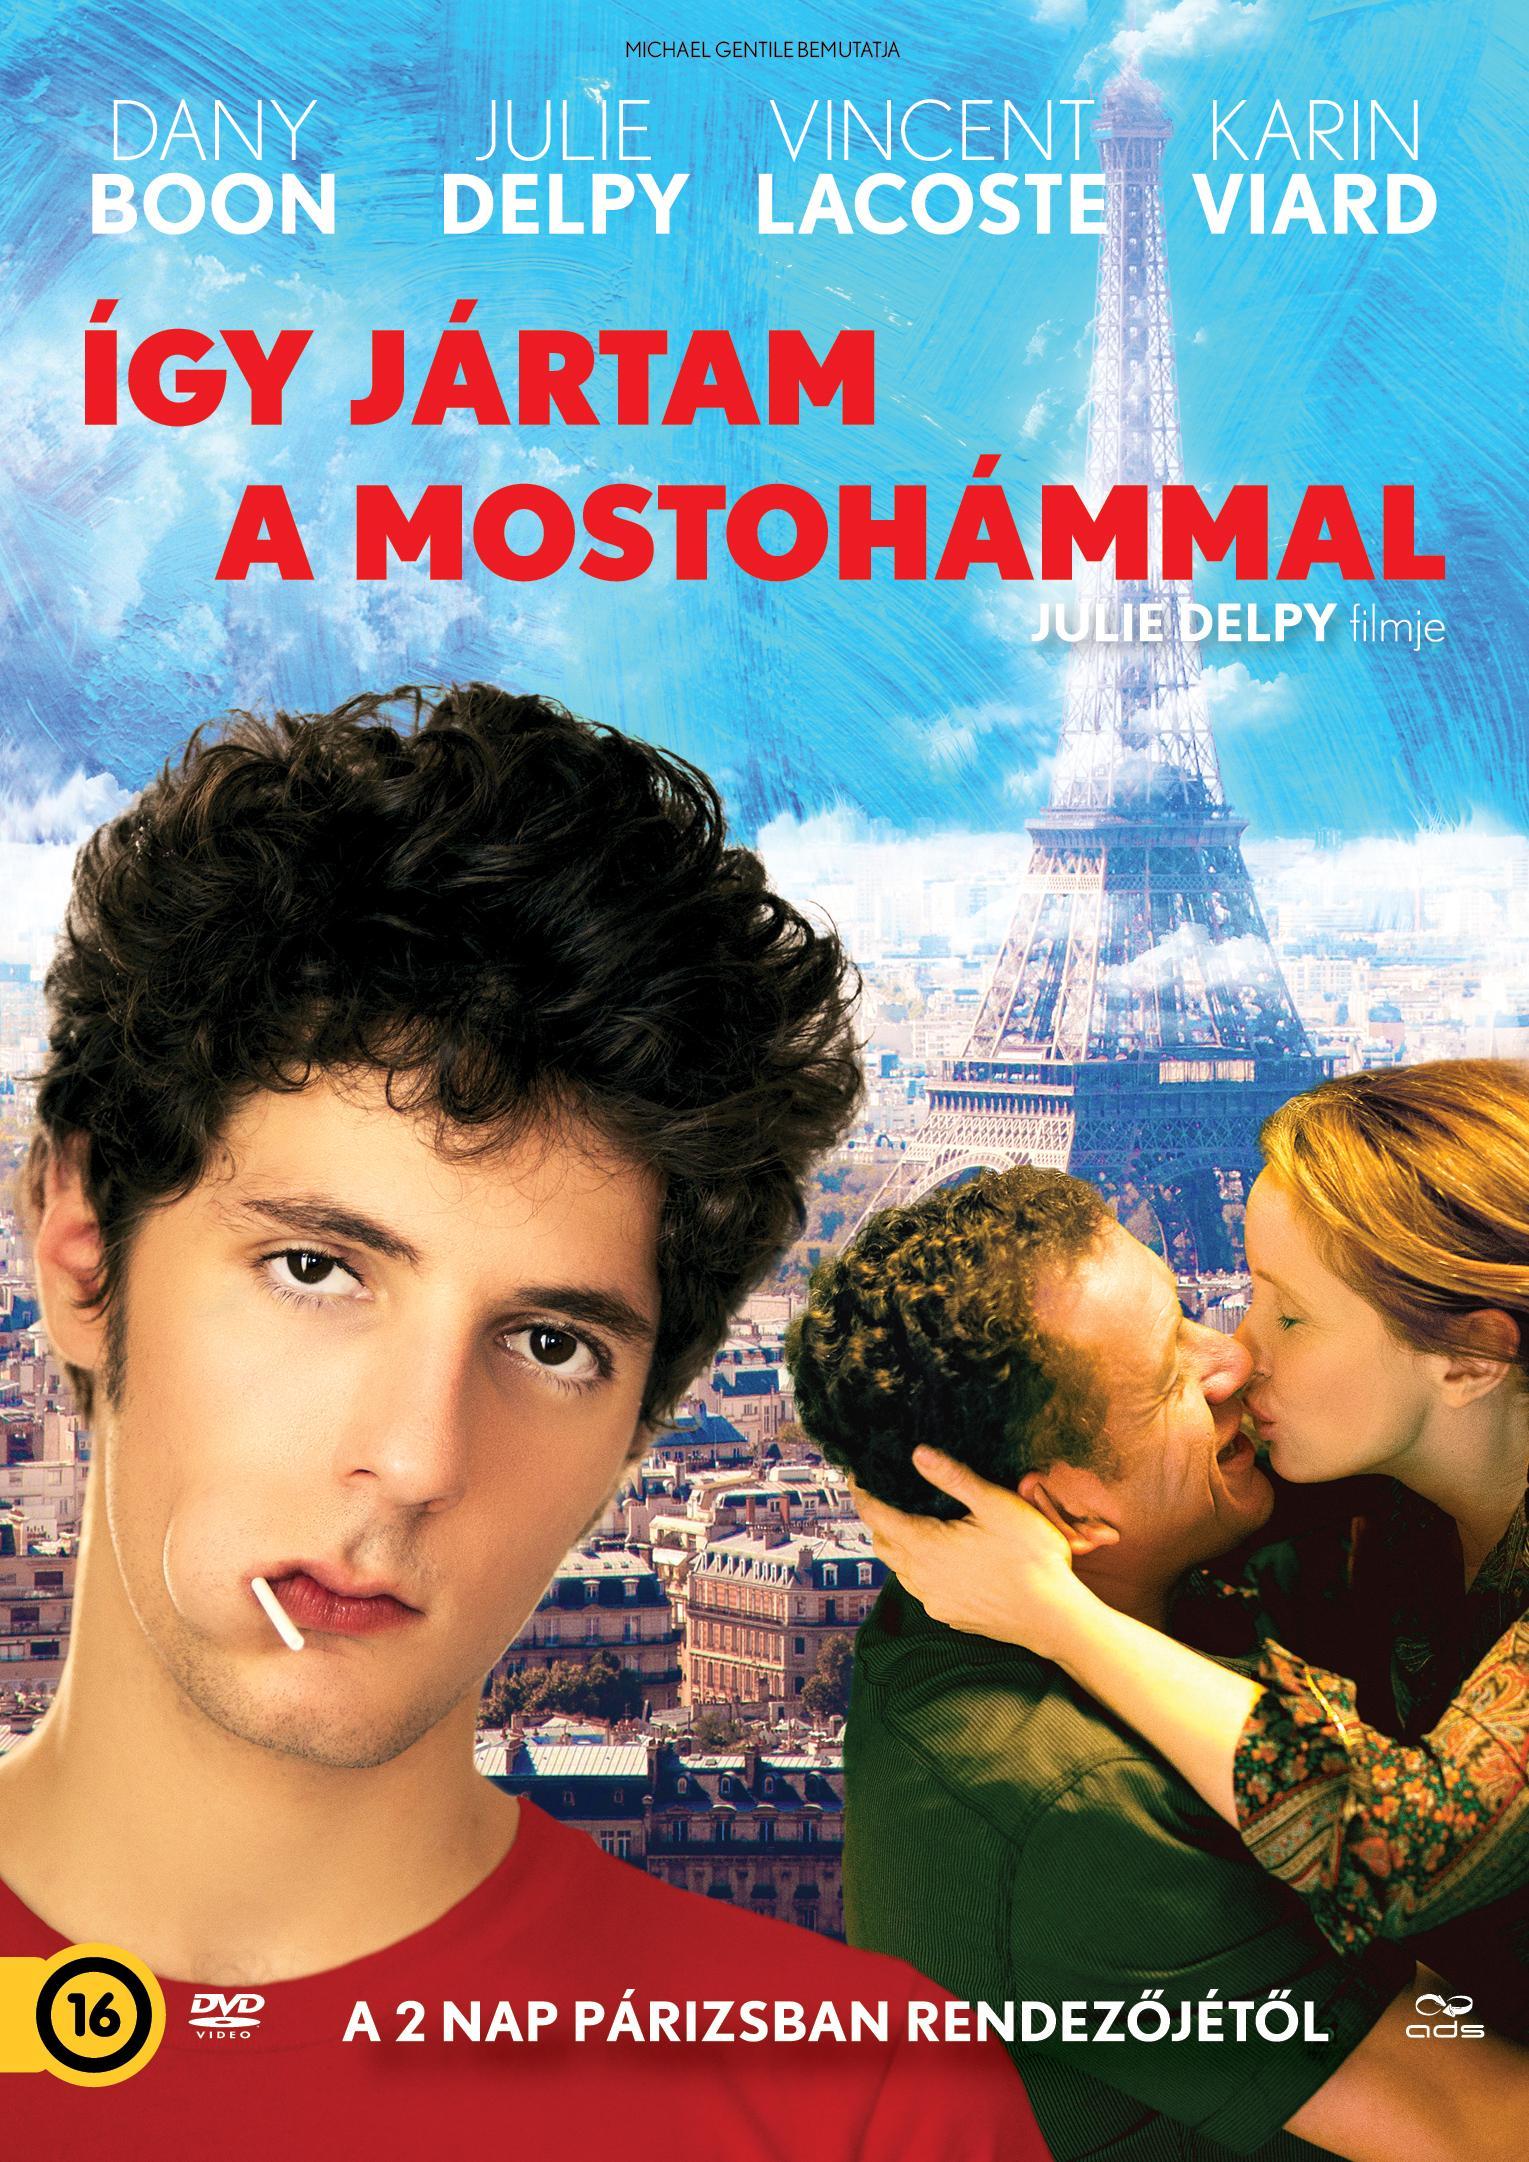 - ÍGY JÁRTAM A MOSTOHÁMMAL - DVD -